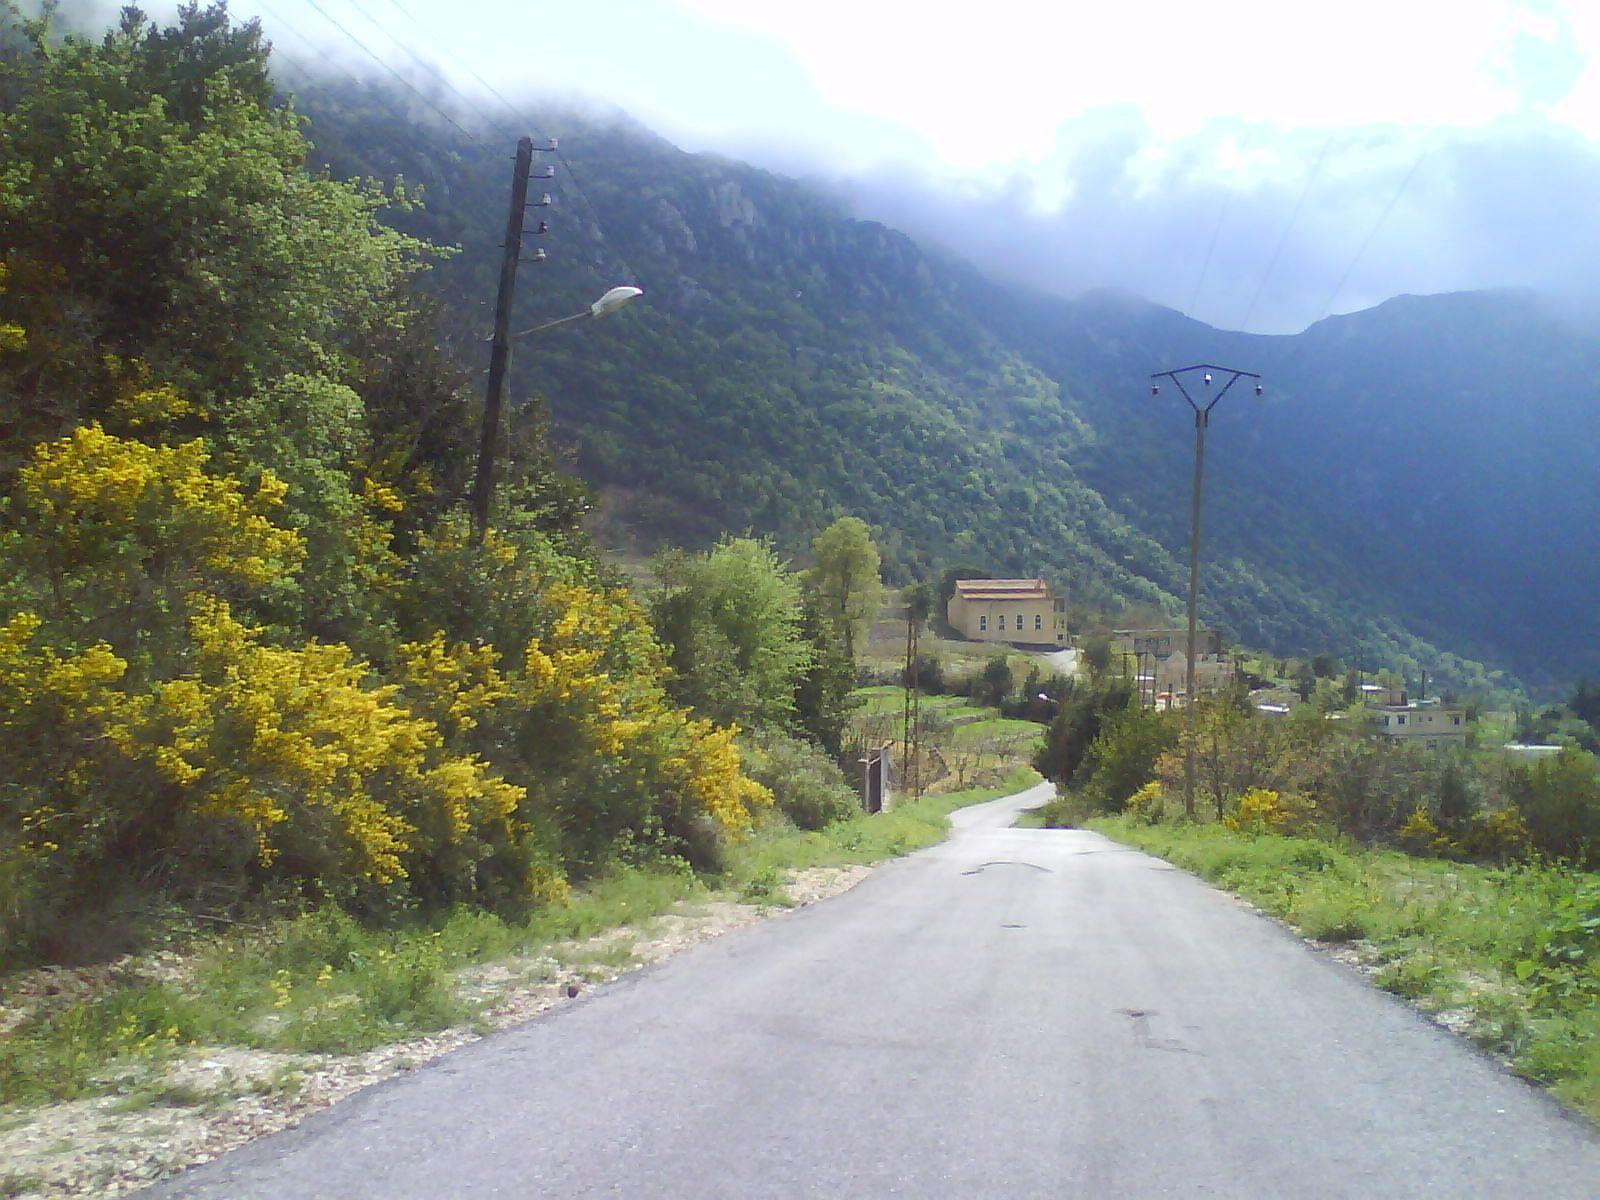 الطريق الى قرية السمرا Country Roads Travel Country